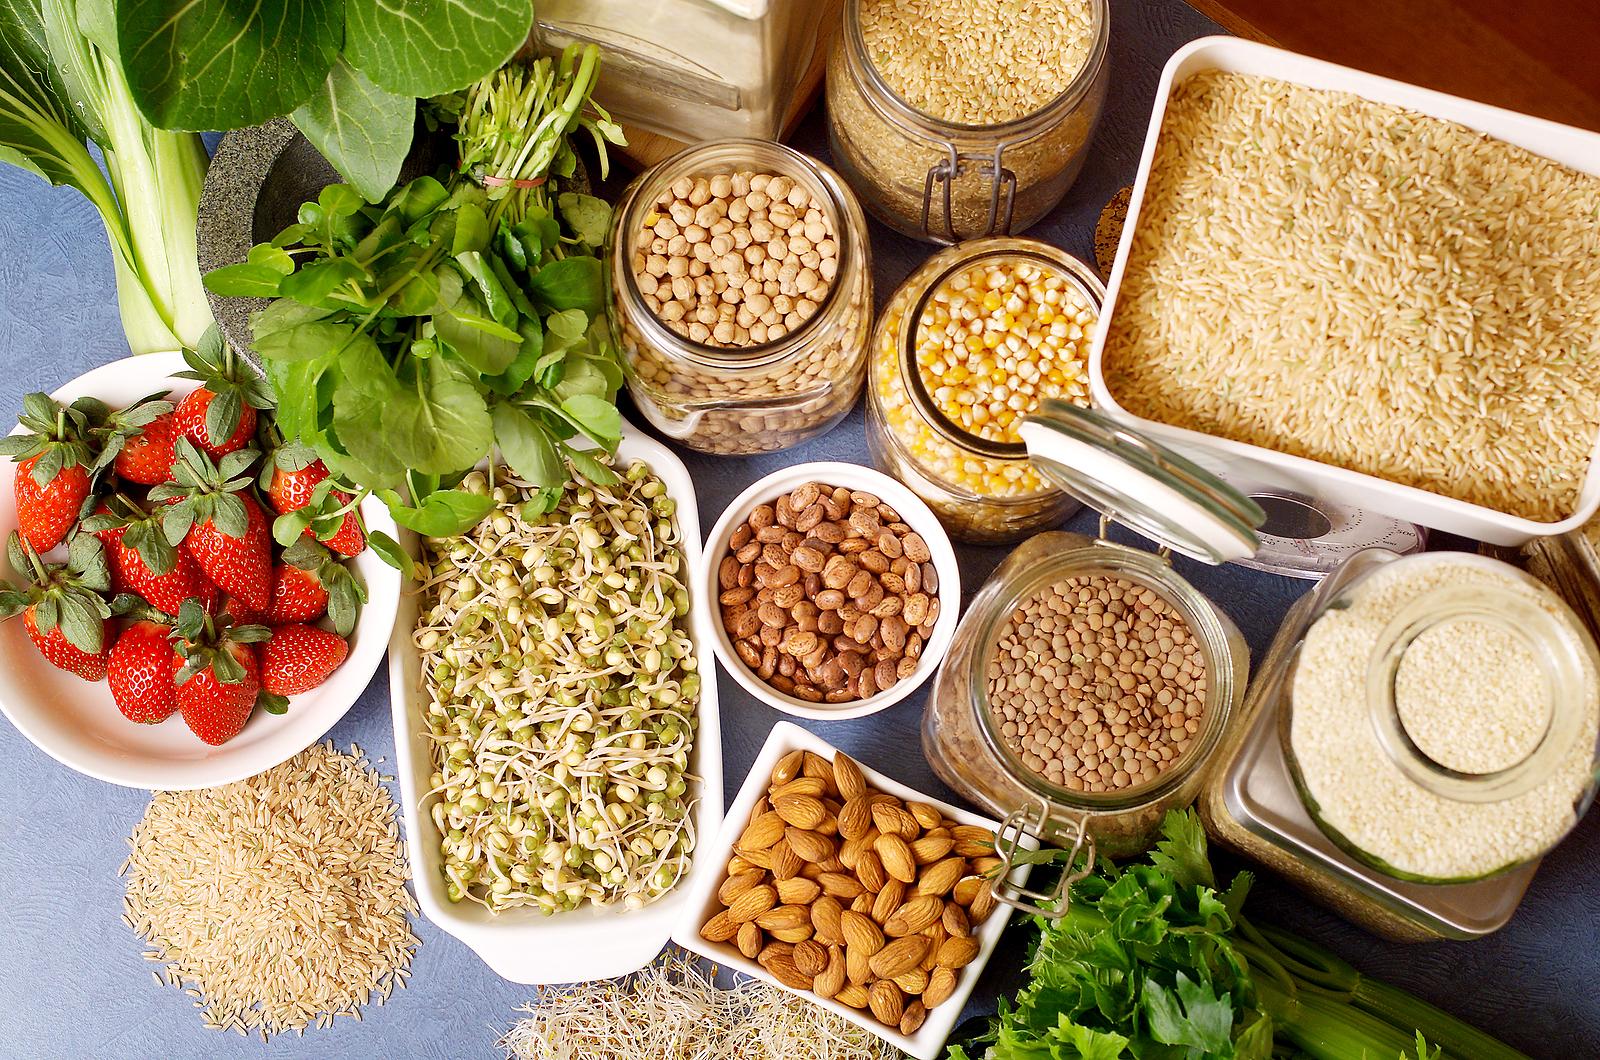 comida saludable y sus beneficios